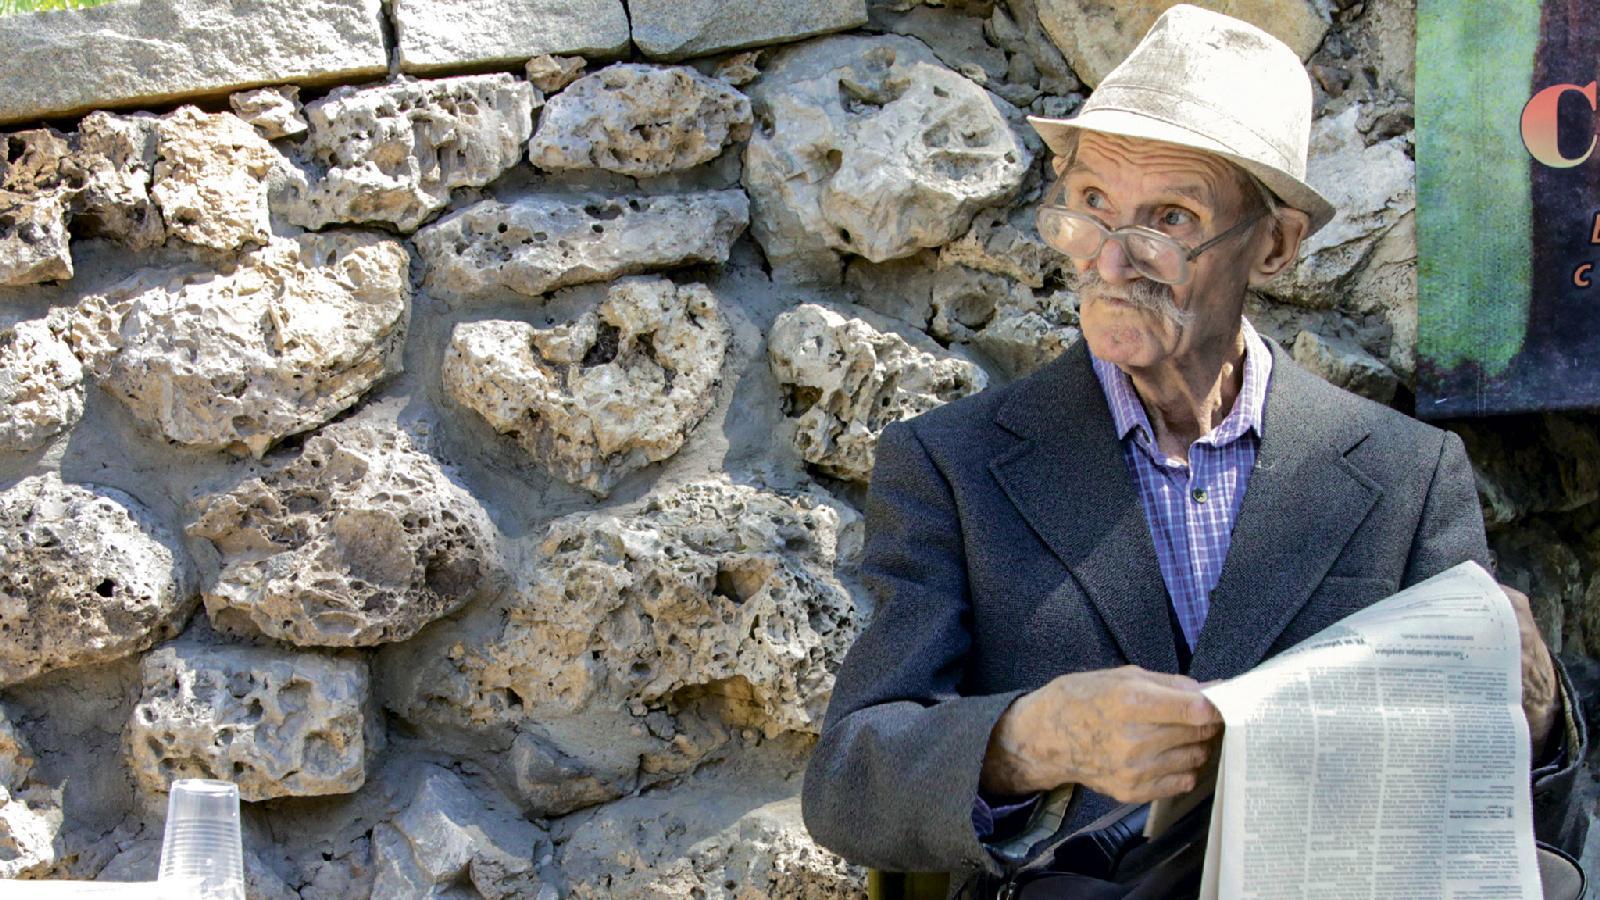 Виктор Иванович Скачков, постоянный читатель газеты, 87 лет. Долгие годы пел в хоре для ветеранов. С 1959 года и до настоящего времени увлекается вышивкой. Пишет стихи